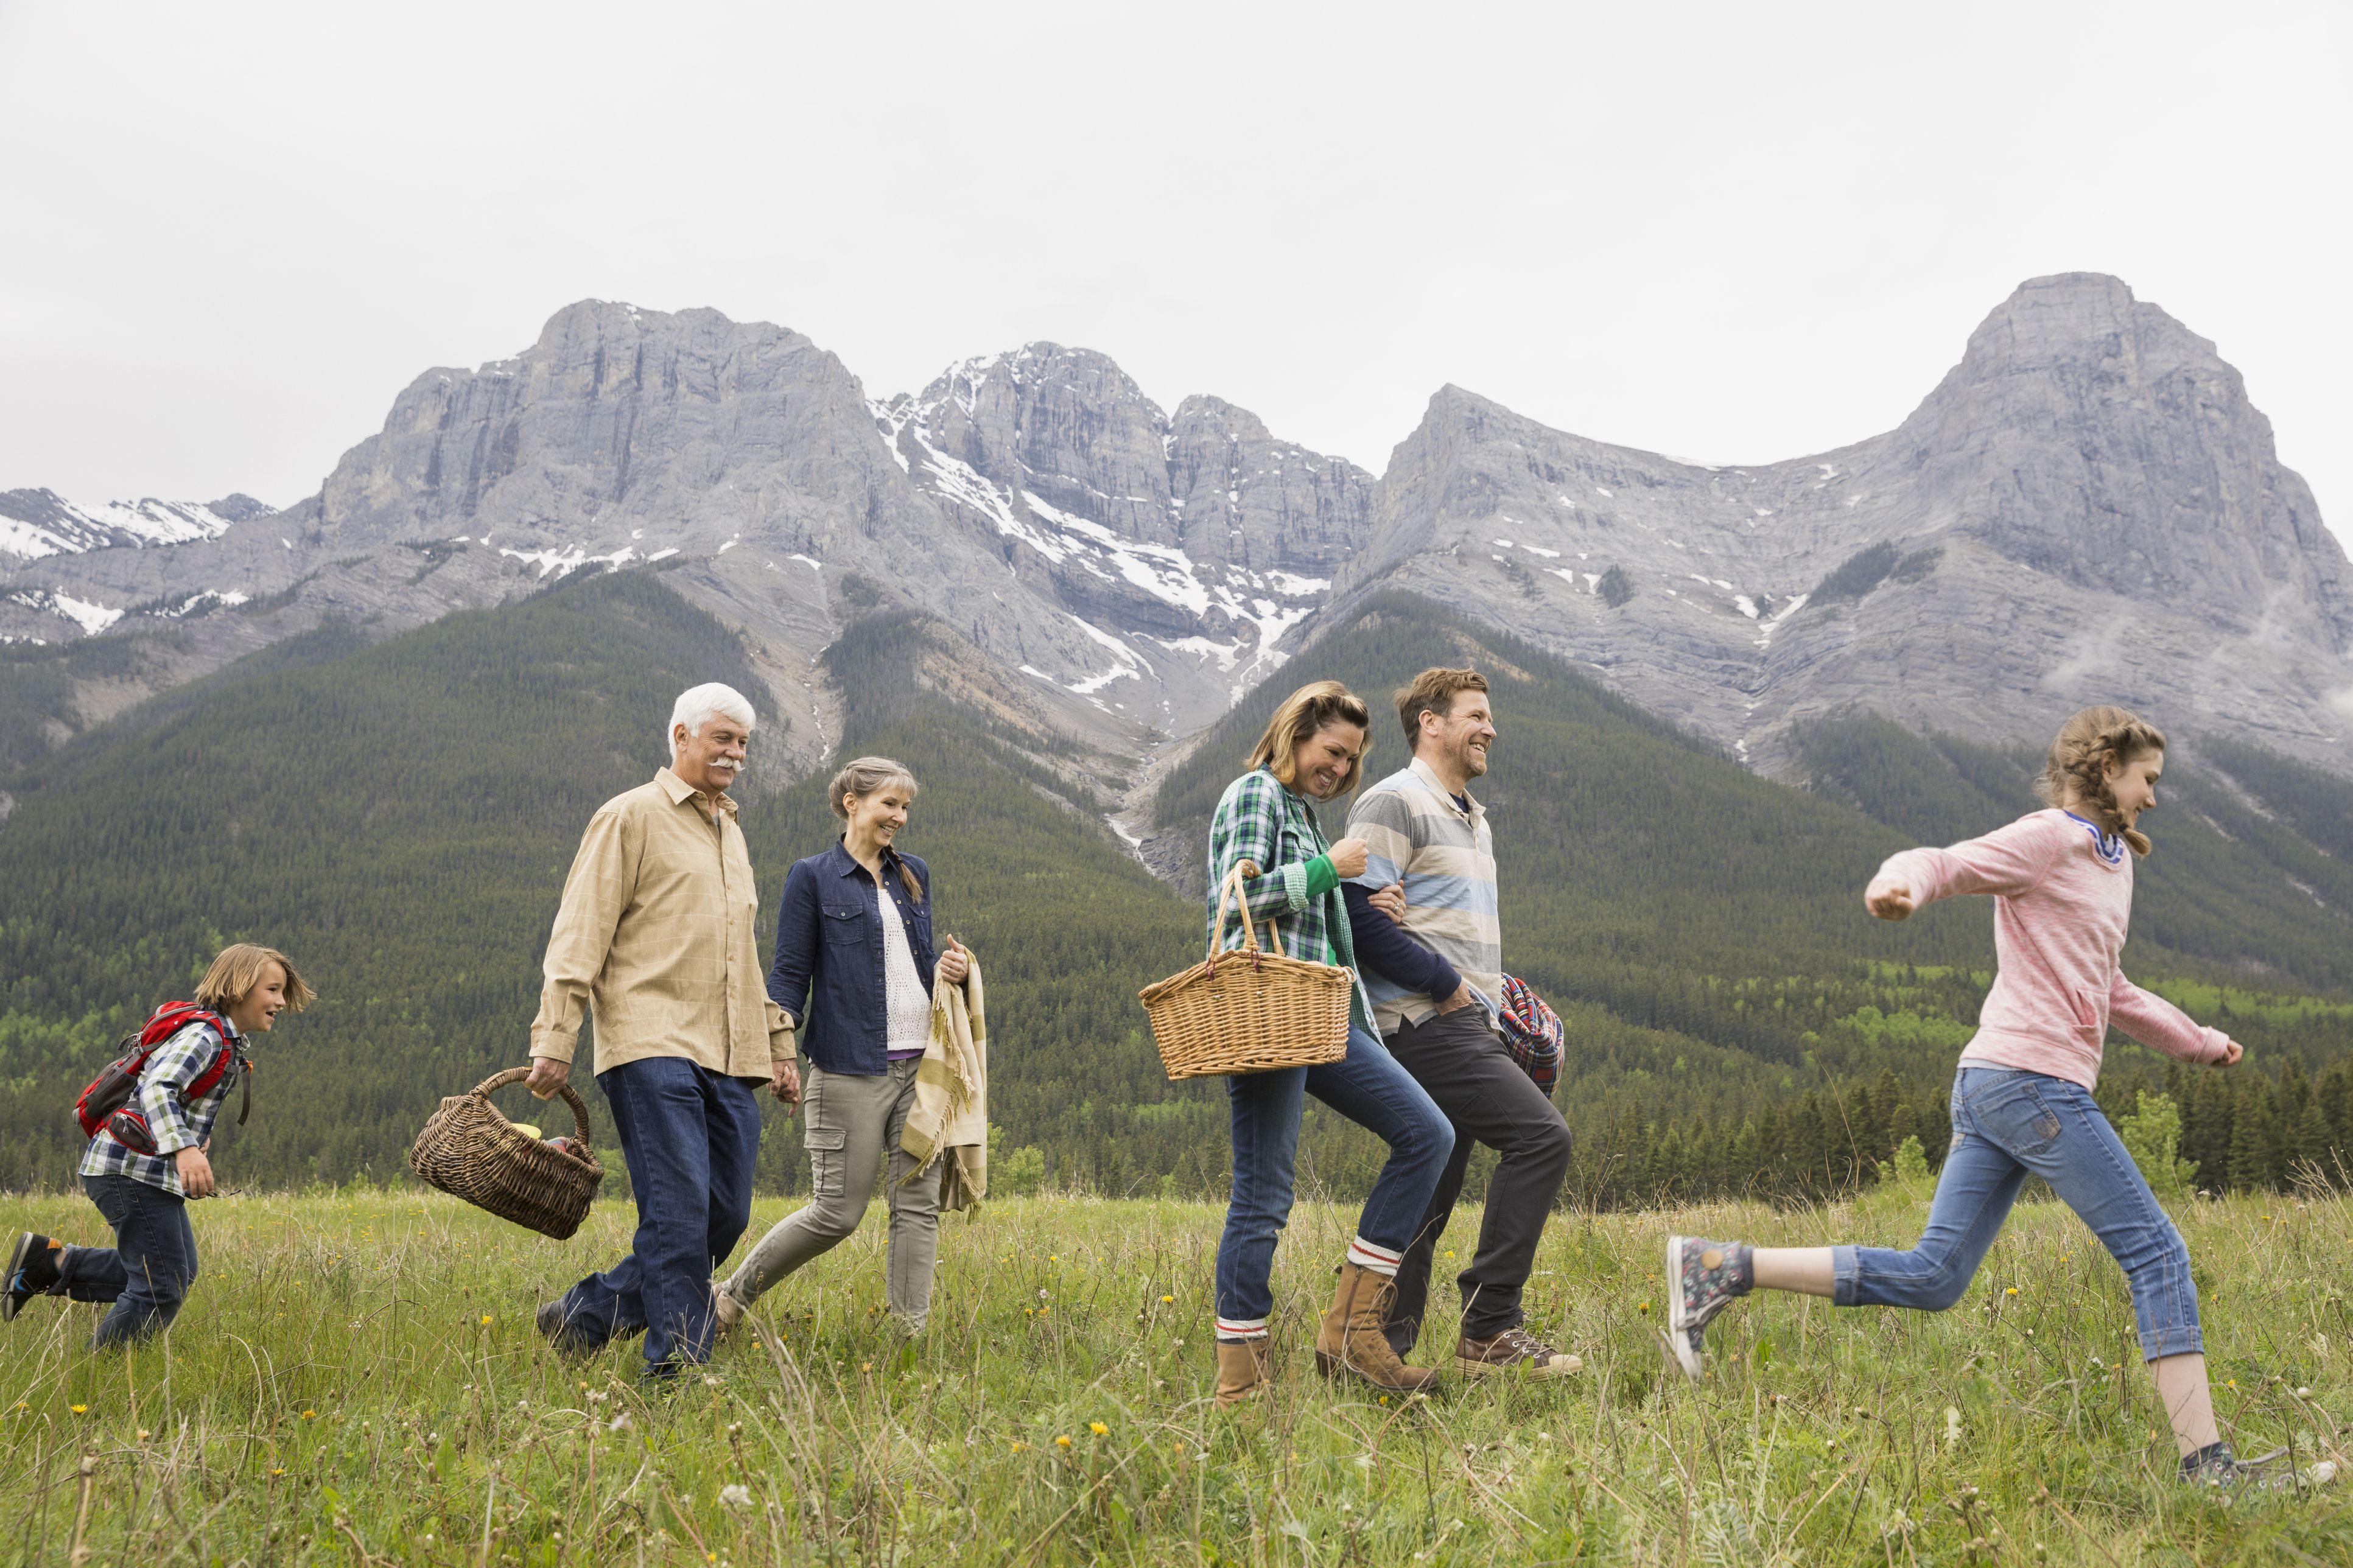 Family having picnic in rural field